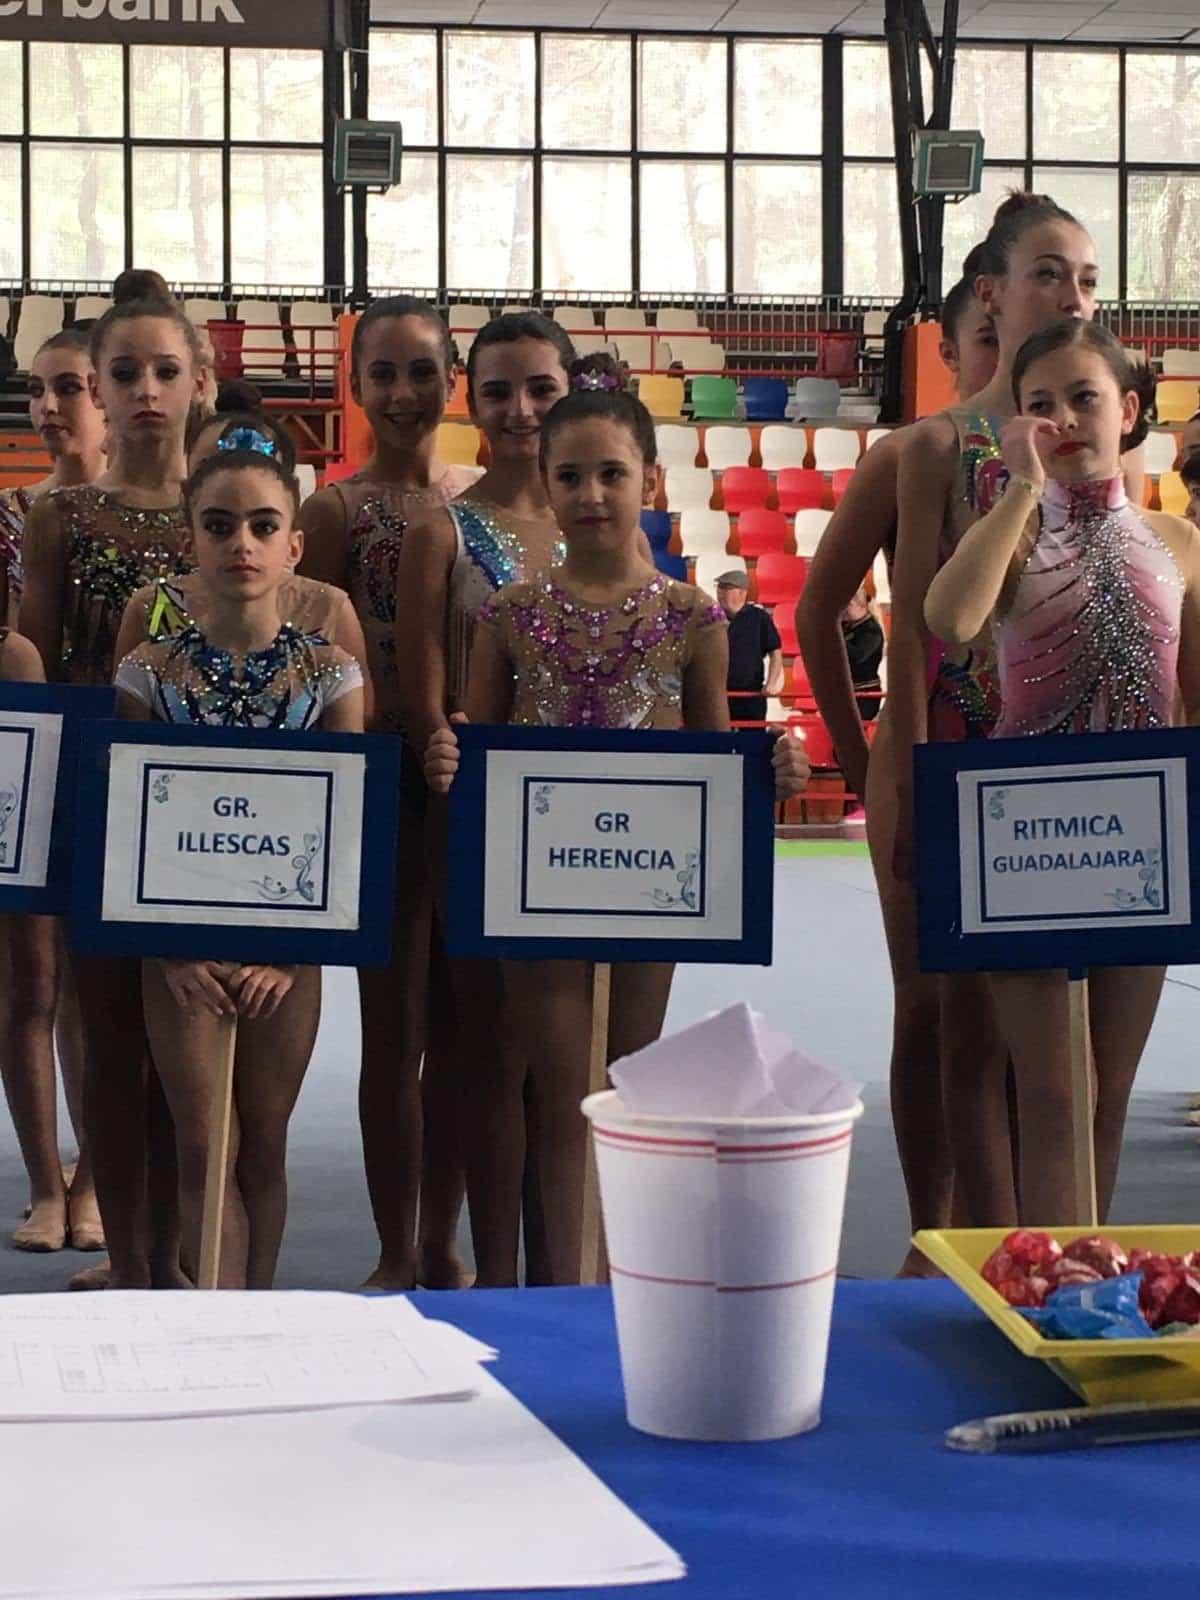 trofeo gimnasia ritmica cuenta 3 - Herencia presente en el Trofeo de Gimnasia Rítmica de Cuenca